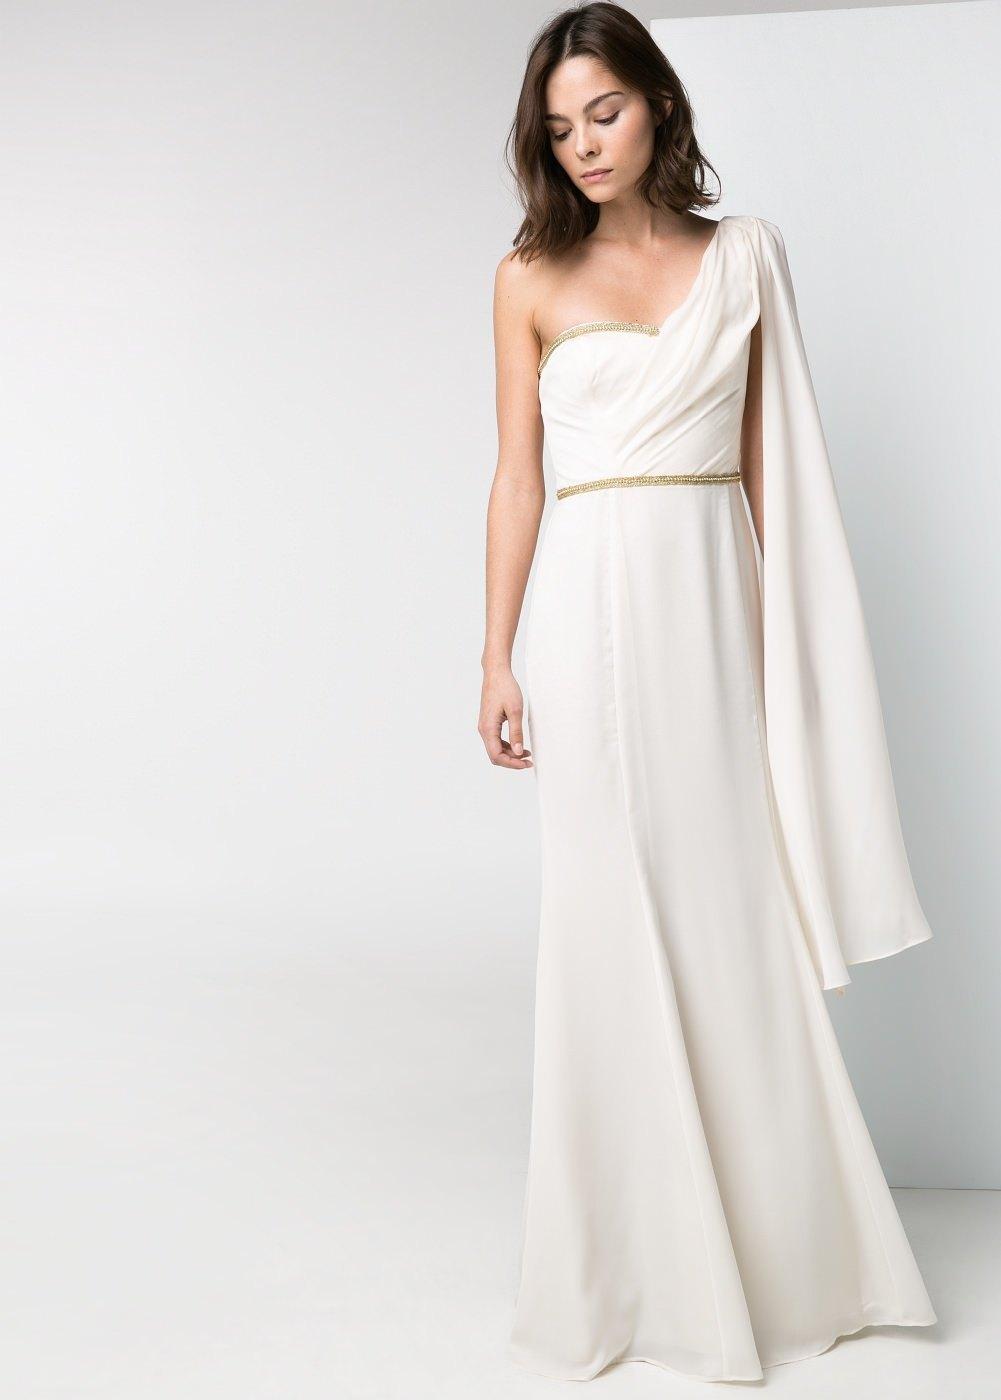 en venta cad99 36b1e Vestidos de Novia Baratos por menos de 100€ - Diario de una ...